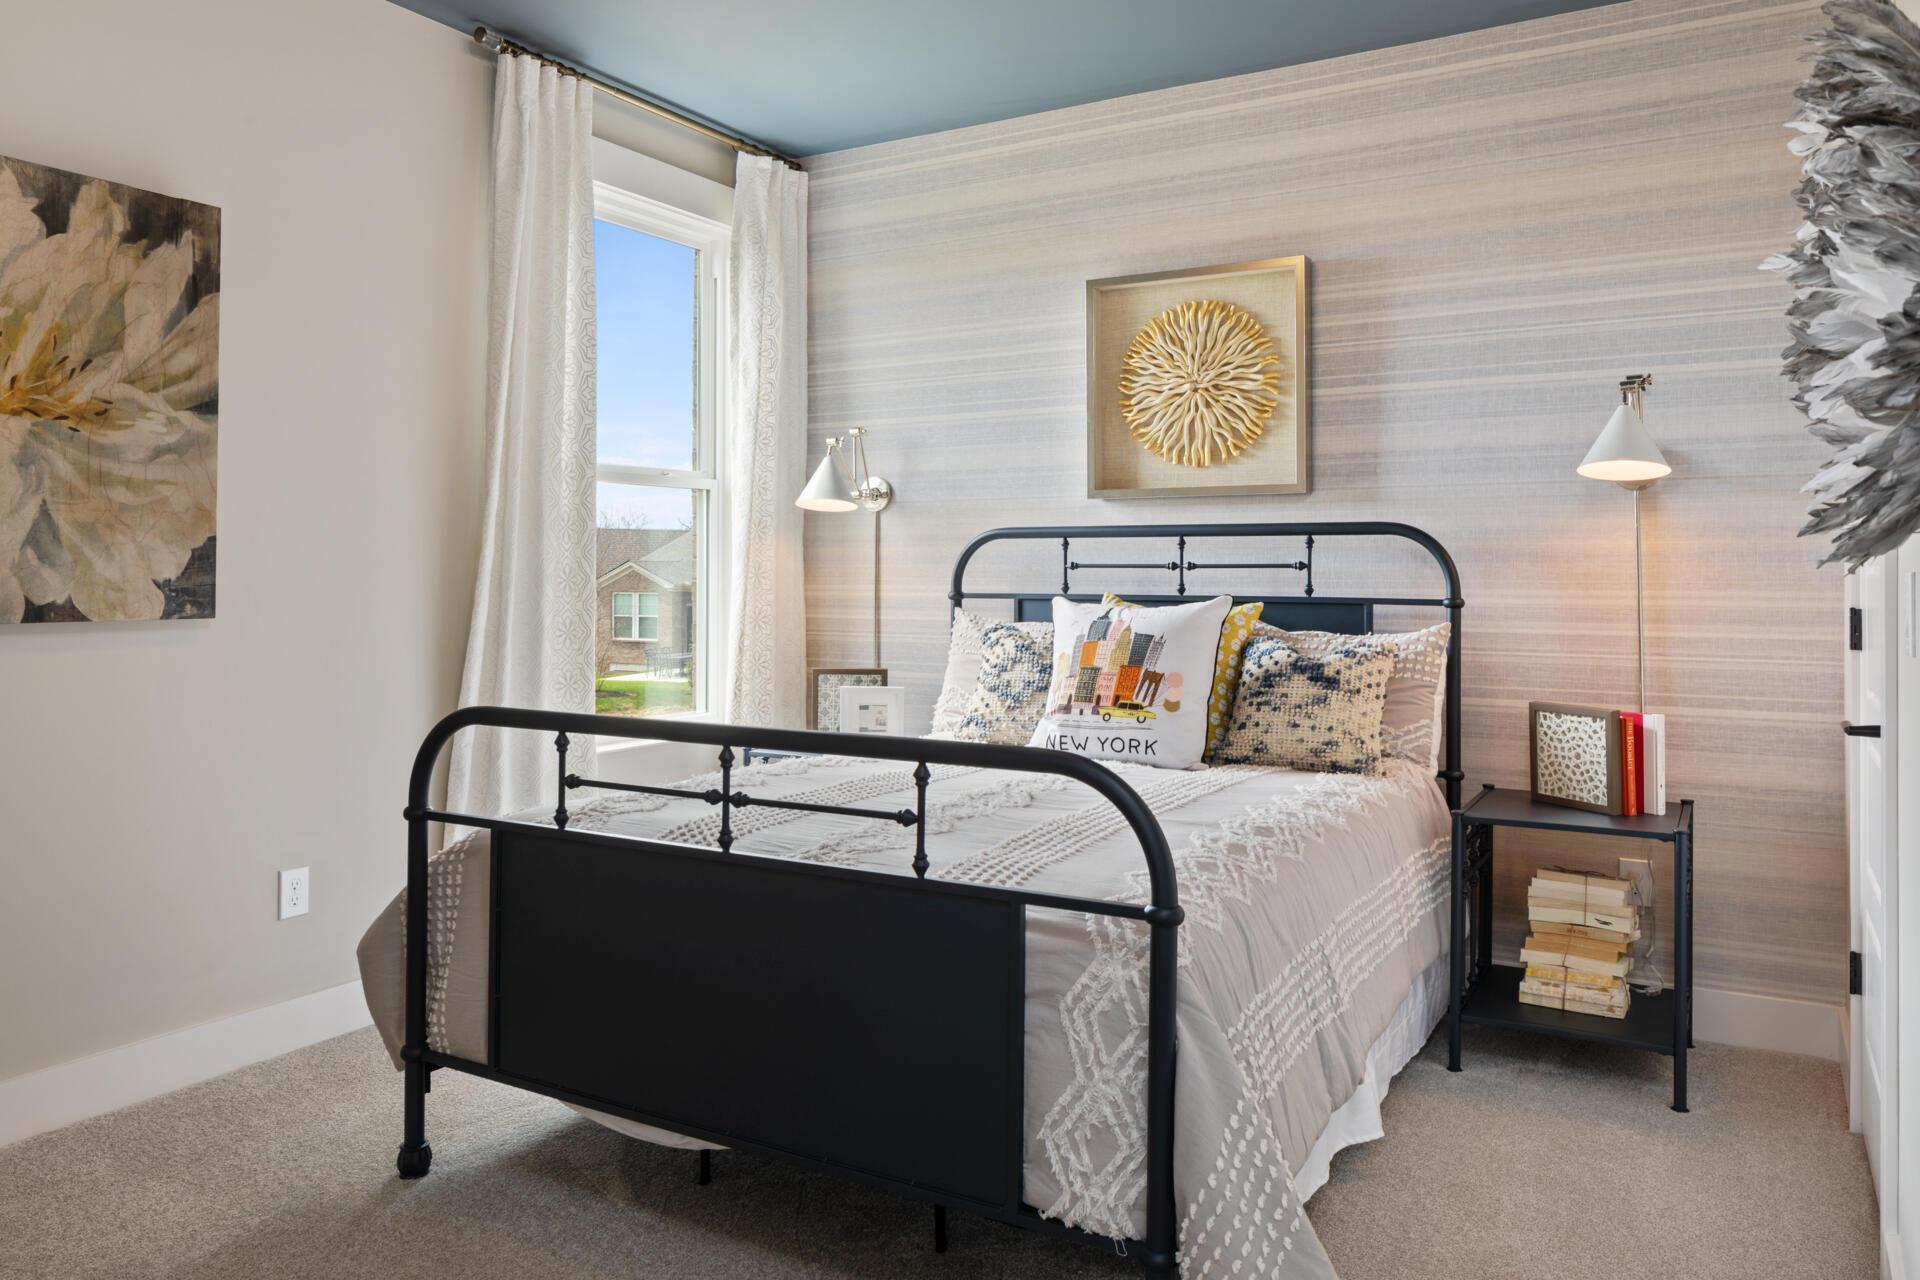 Bedroom featured in the Hialeah By Drees Homes in Cincinnati, KY